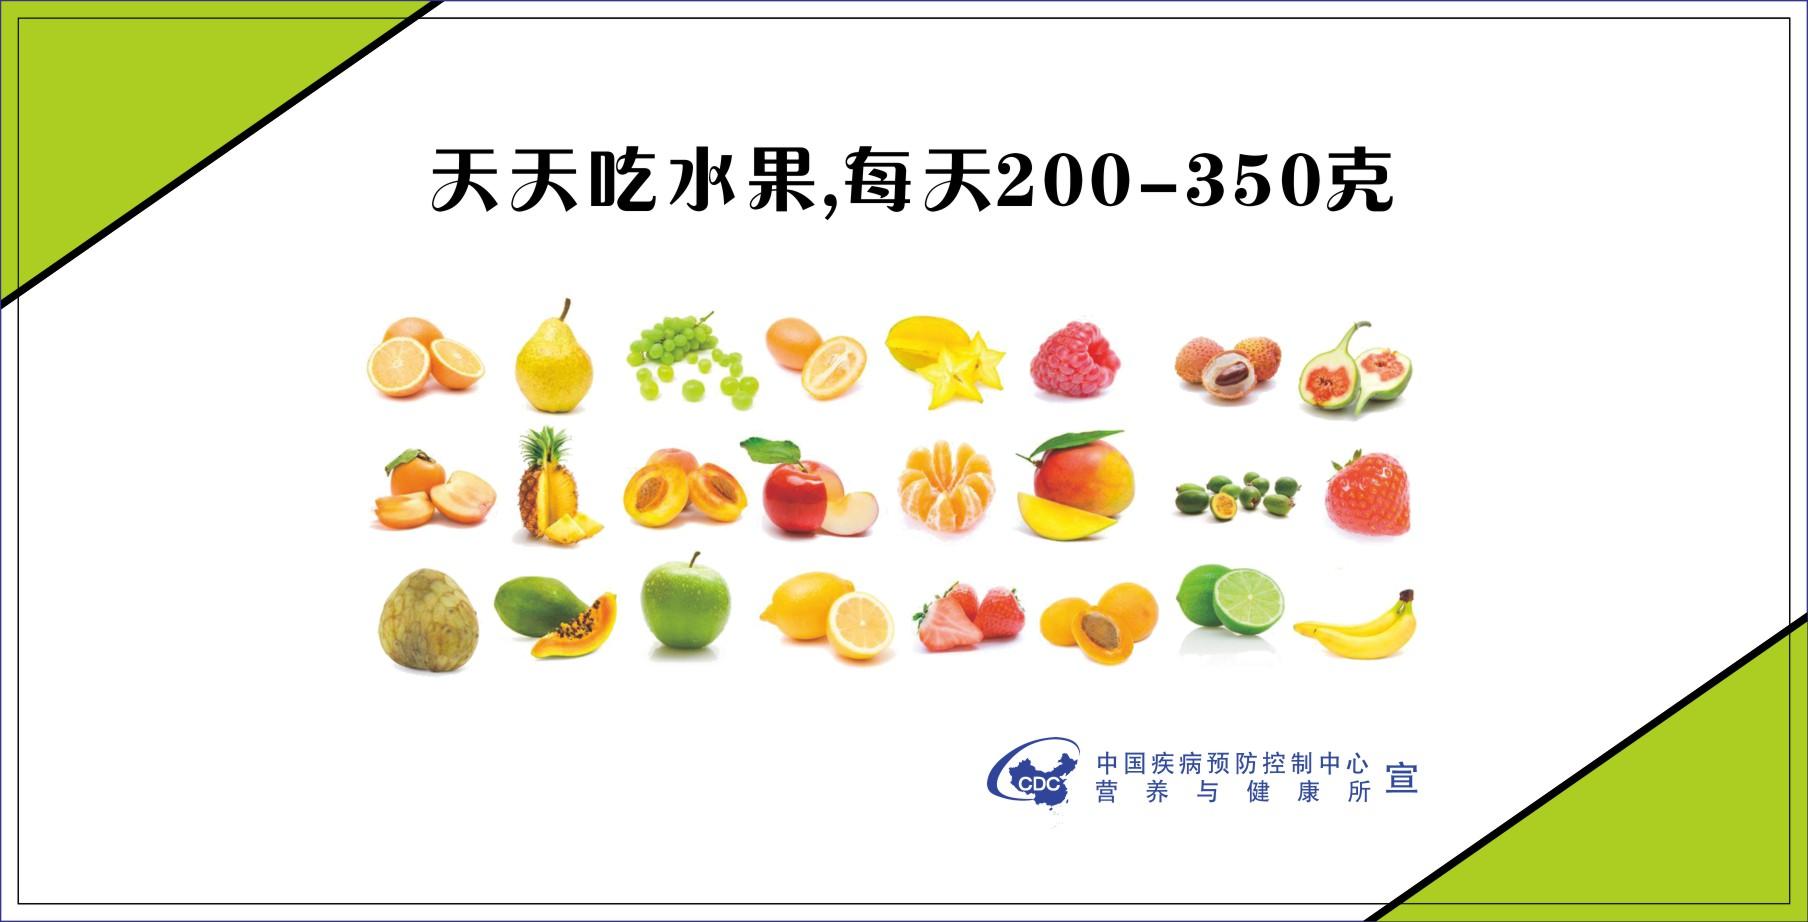 营养知识宣传图片